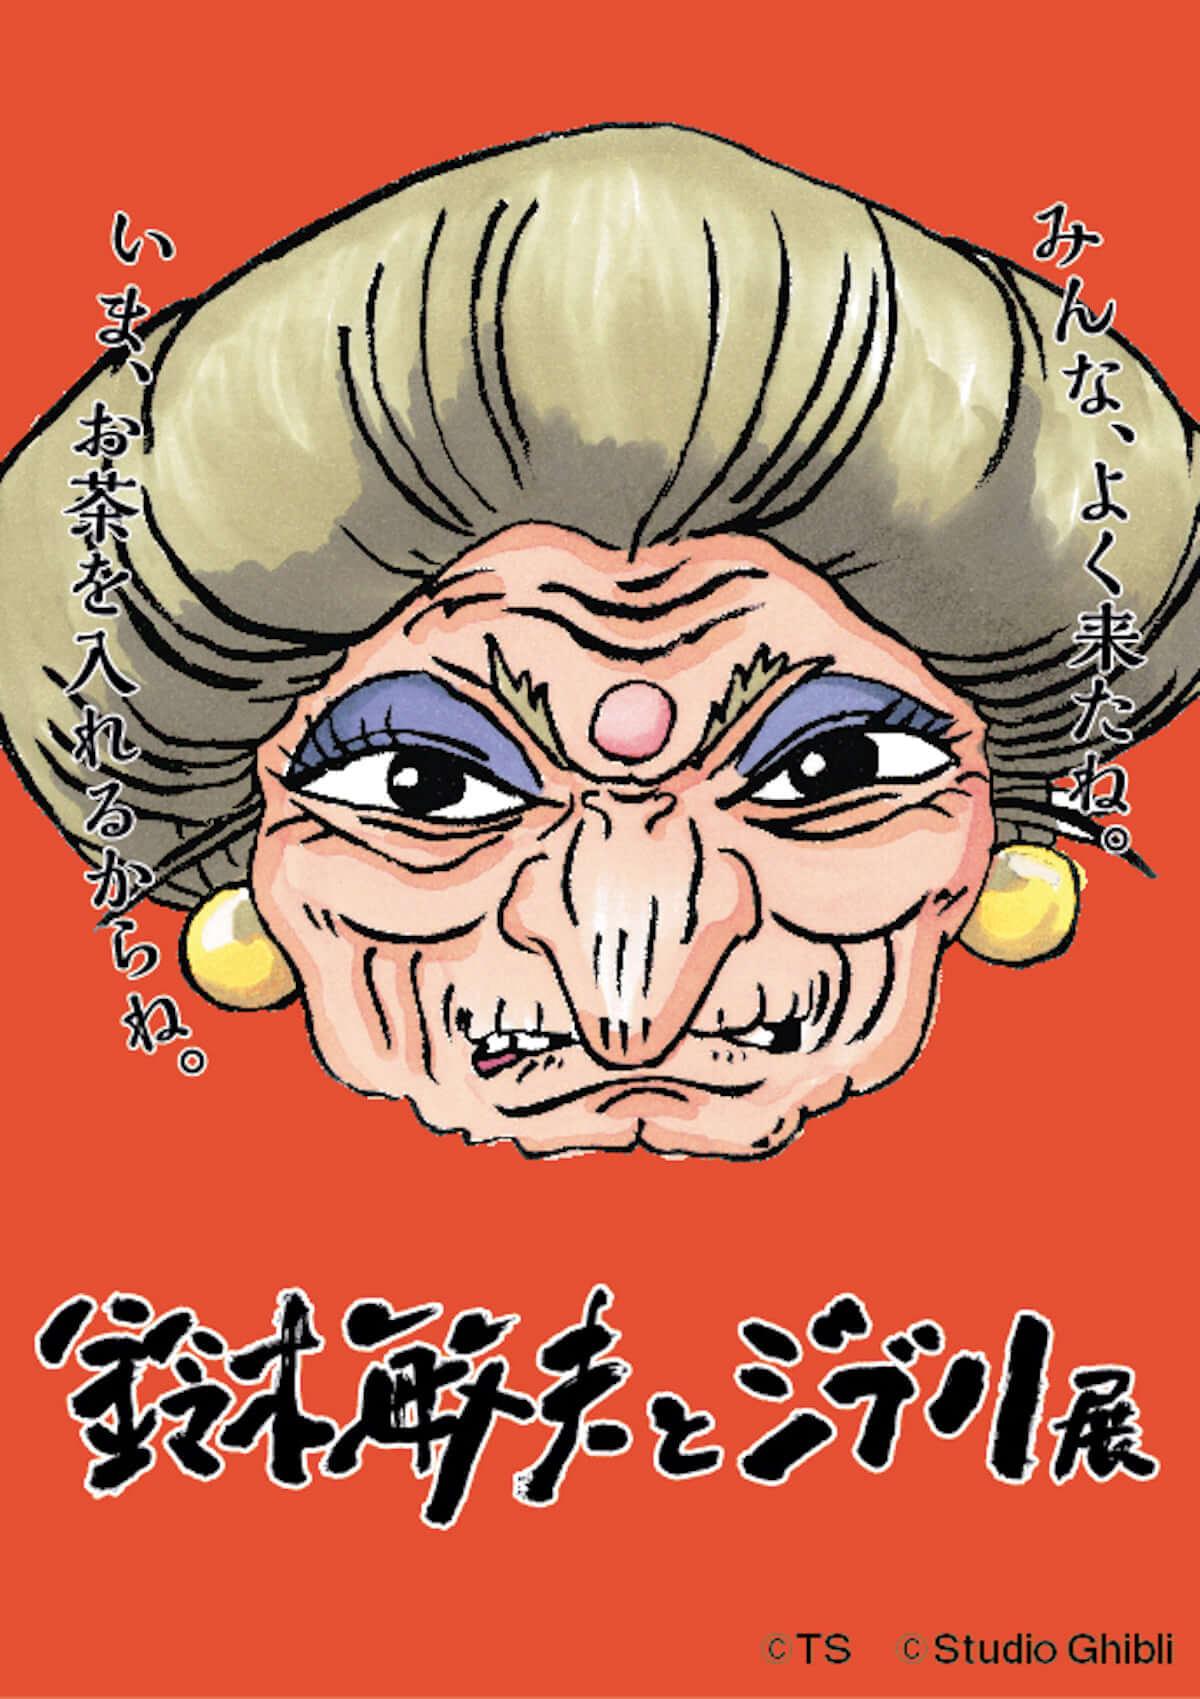 ラジオ番組『Tokyo Brilliantrips』連動!クリスピークリームドーナツの新たな挑戦などをご紹介! art-culture190109-ghibli-suzuki-11-1200x1699